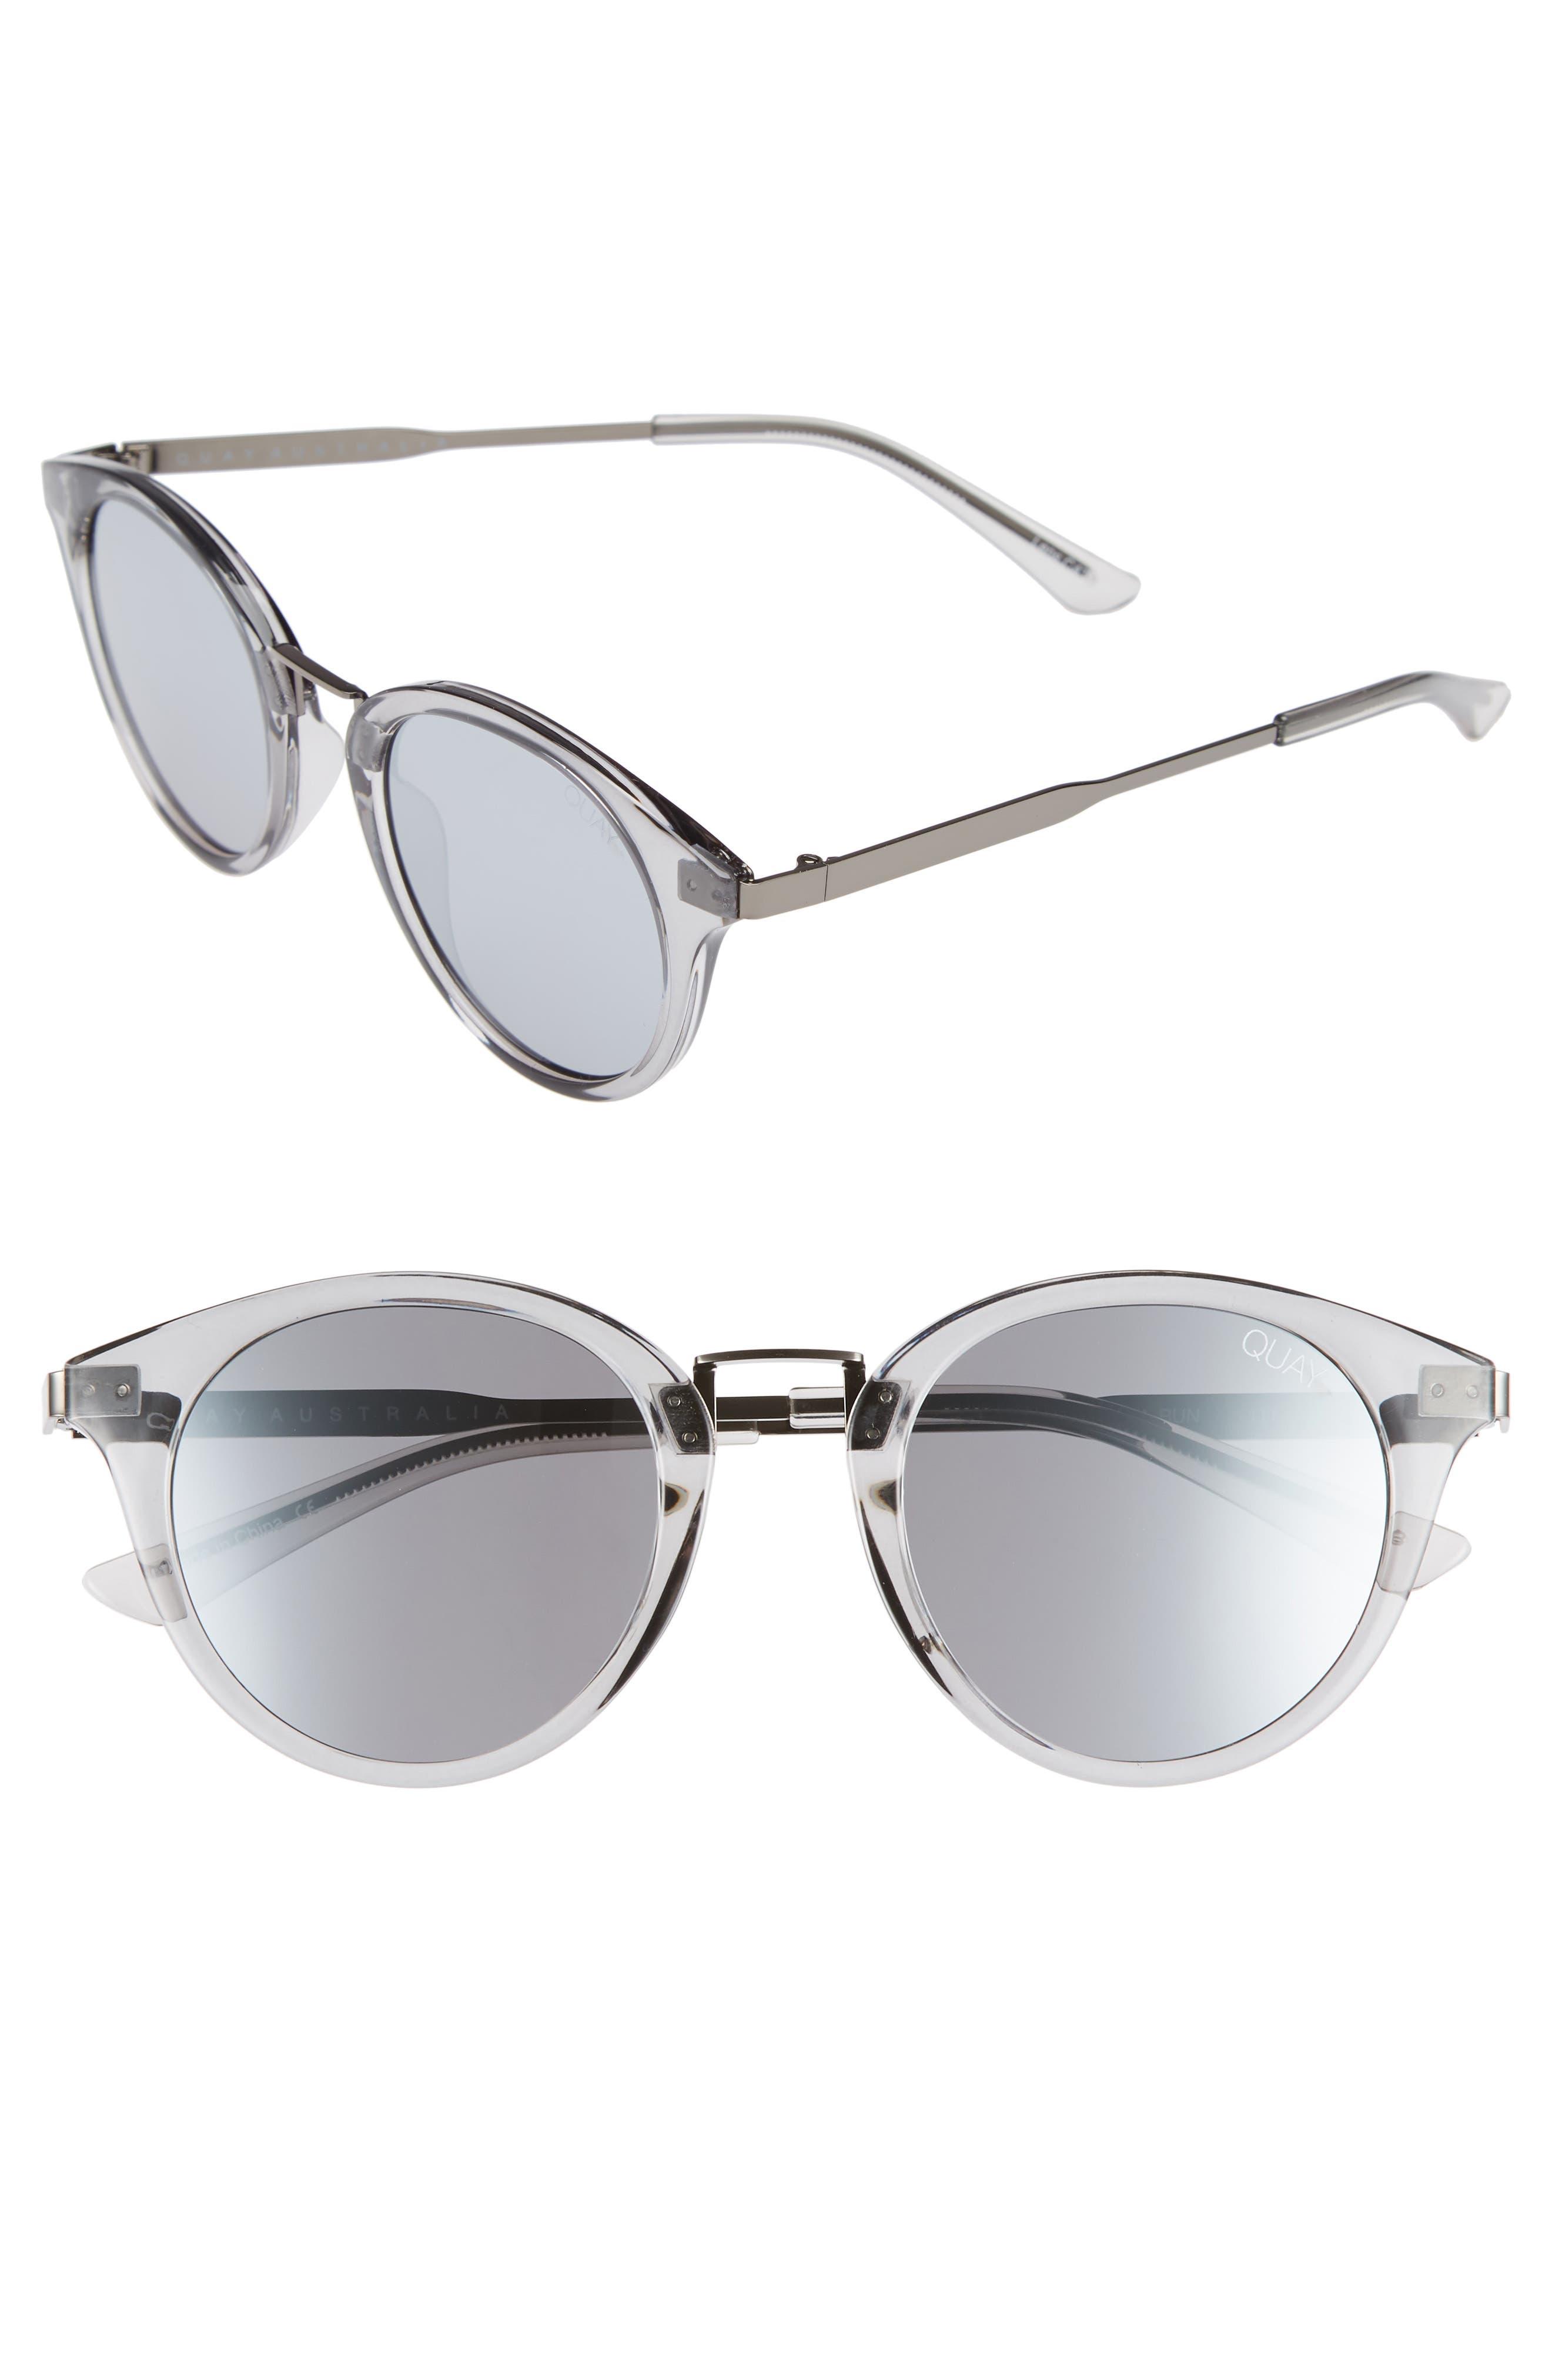 Gotta Run 48mm Sunglasses,                         Main,                         color, Grey/ Silver